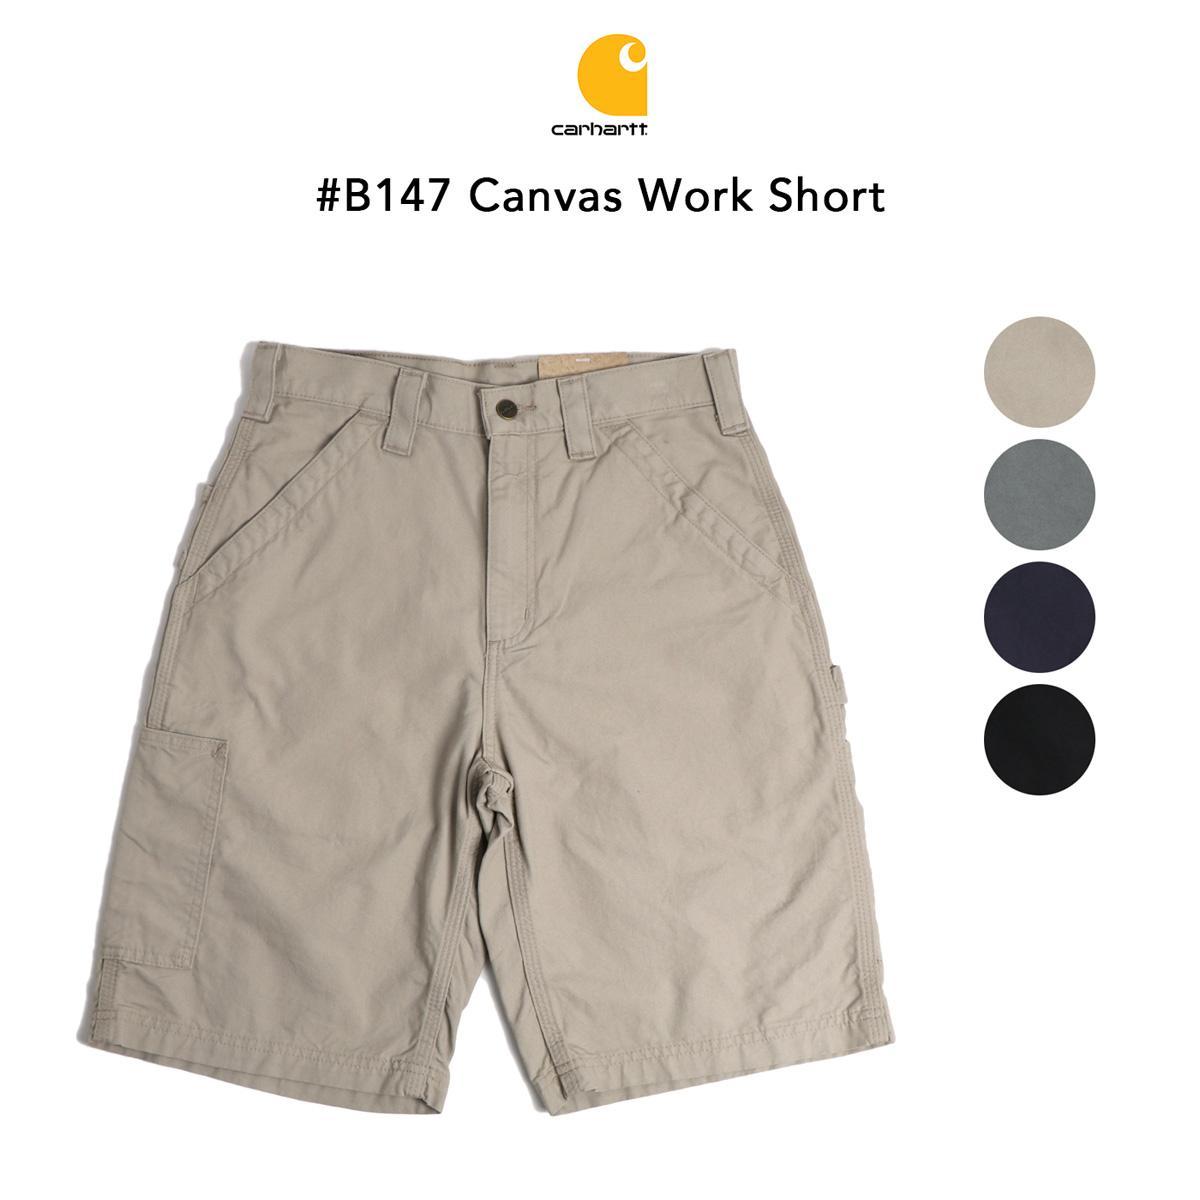 【全品10%OFFクーポン配布中 12/26 2時迄】Carhartt カーハート #B147 CANVAS WORK SHORT コットンショーツ ショートパンツ ハーフパンツ